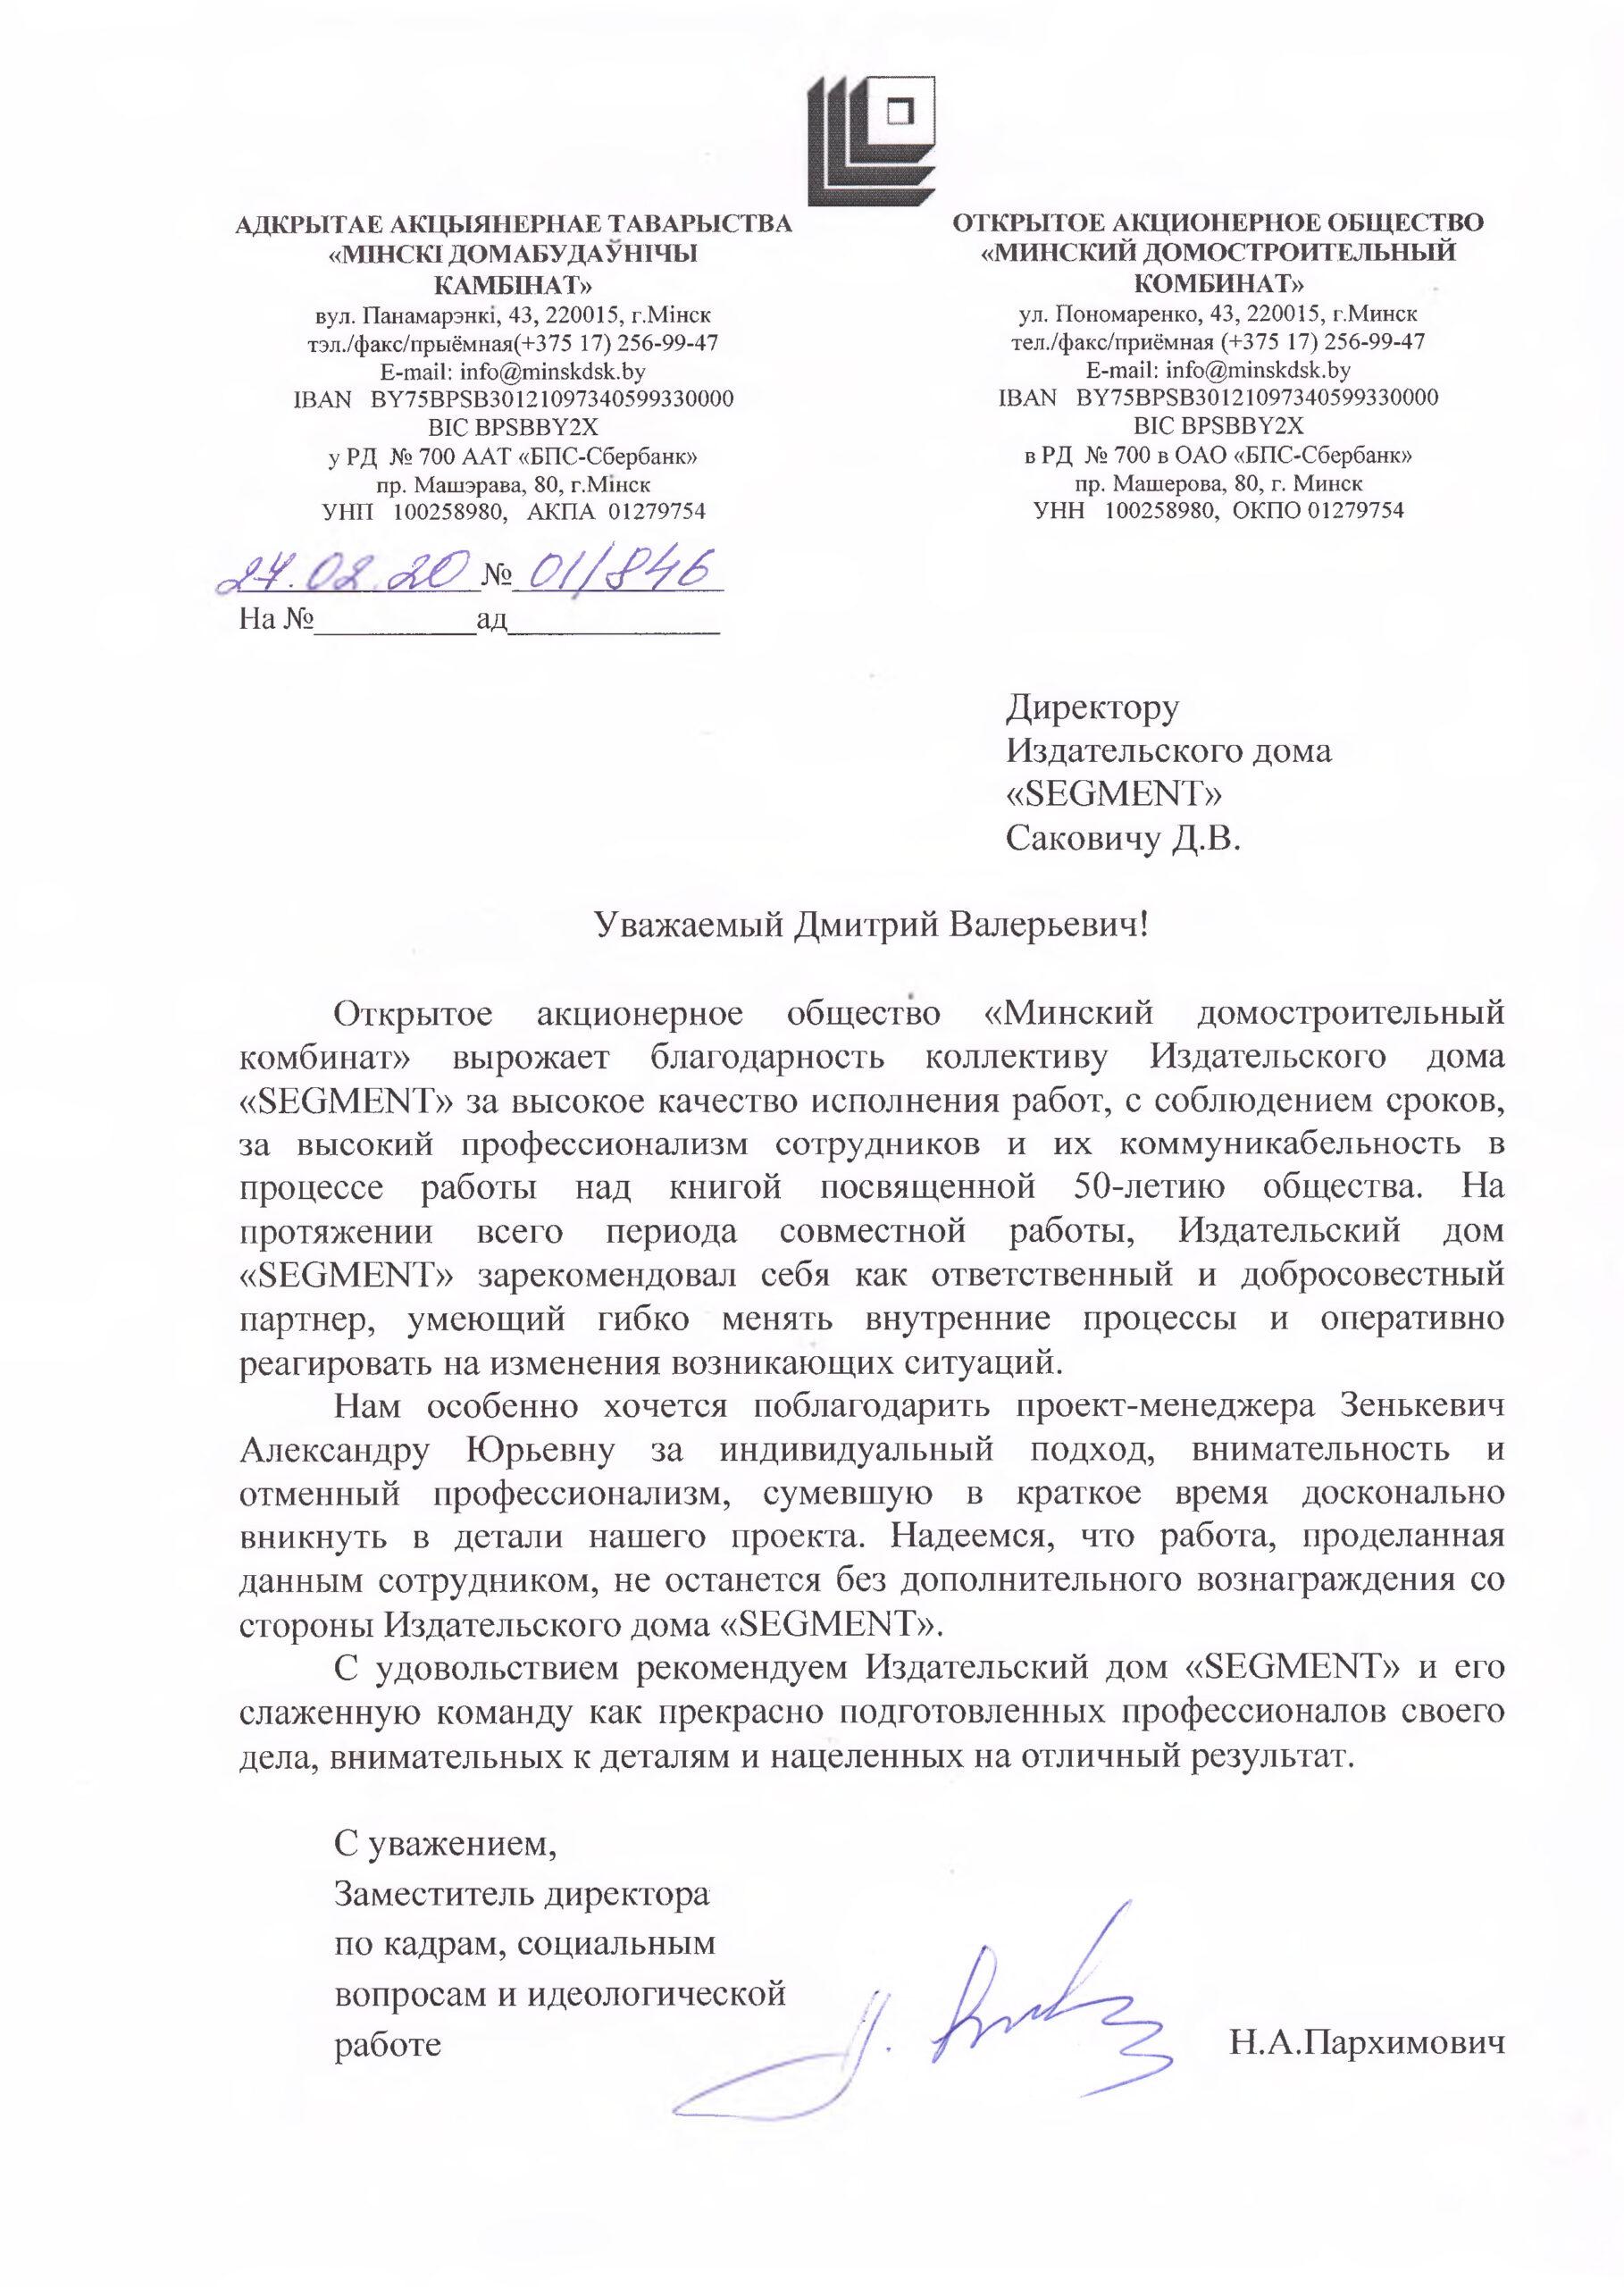 Благодарность от «Минского домостроительного комбината»